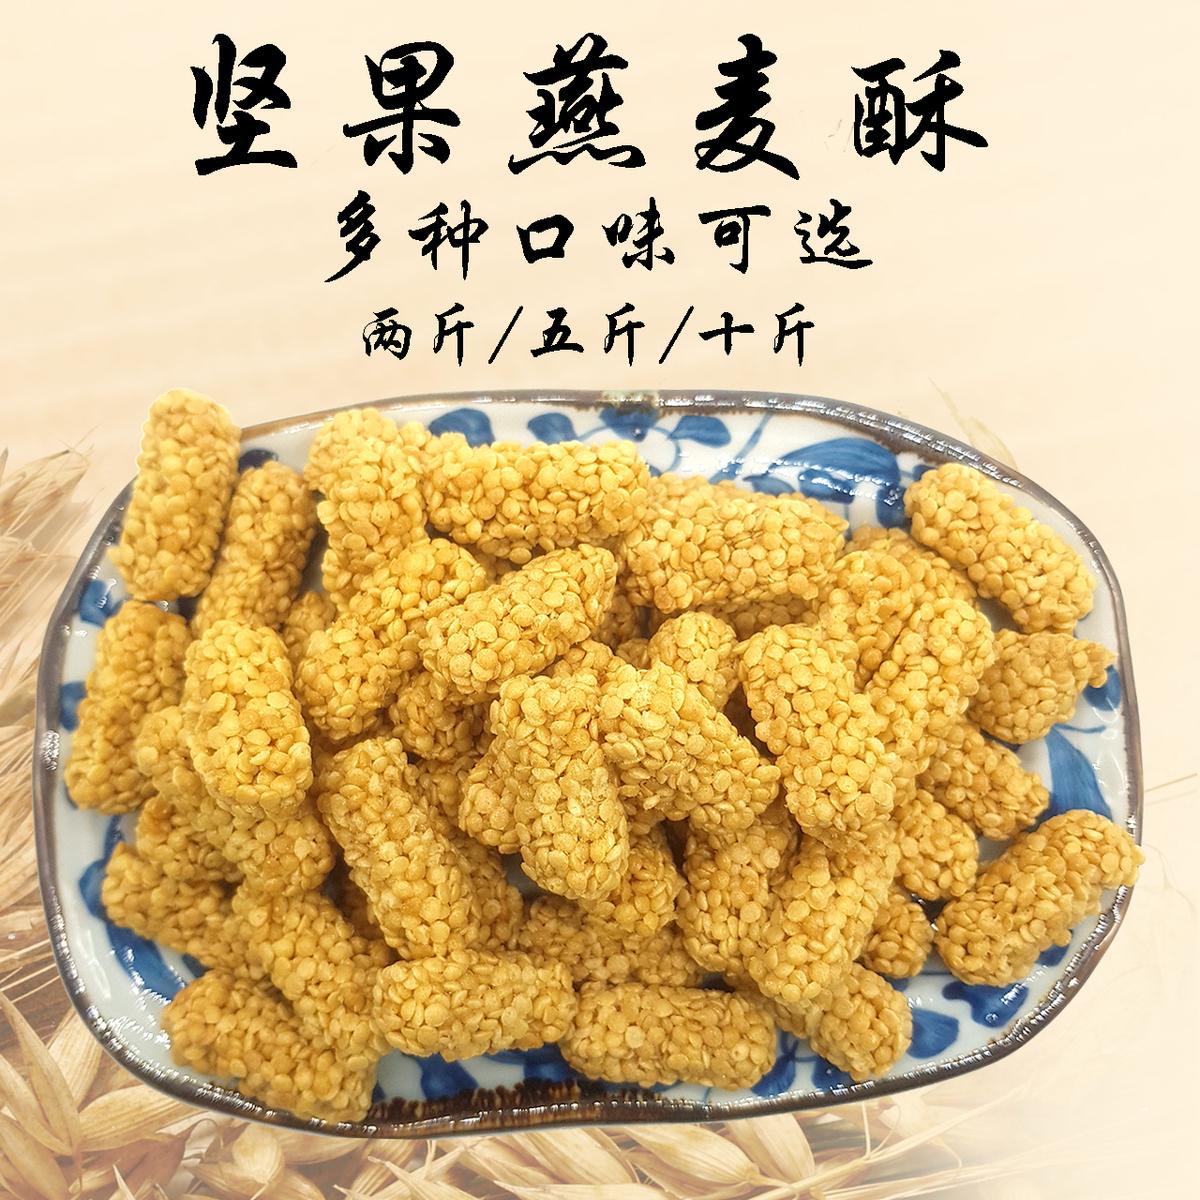 坚果燕麦酥五谷燕麦酥芝麻味散装粗粮酥10斤手工5斤摆地摊零食